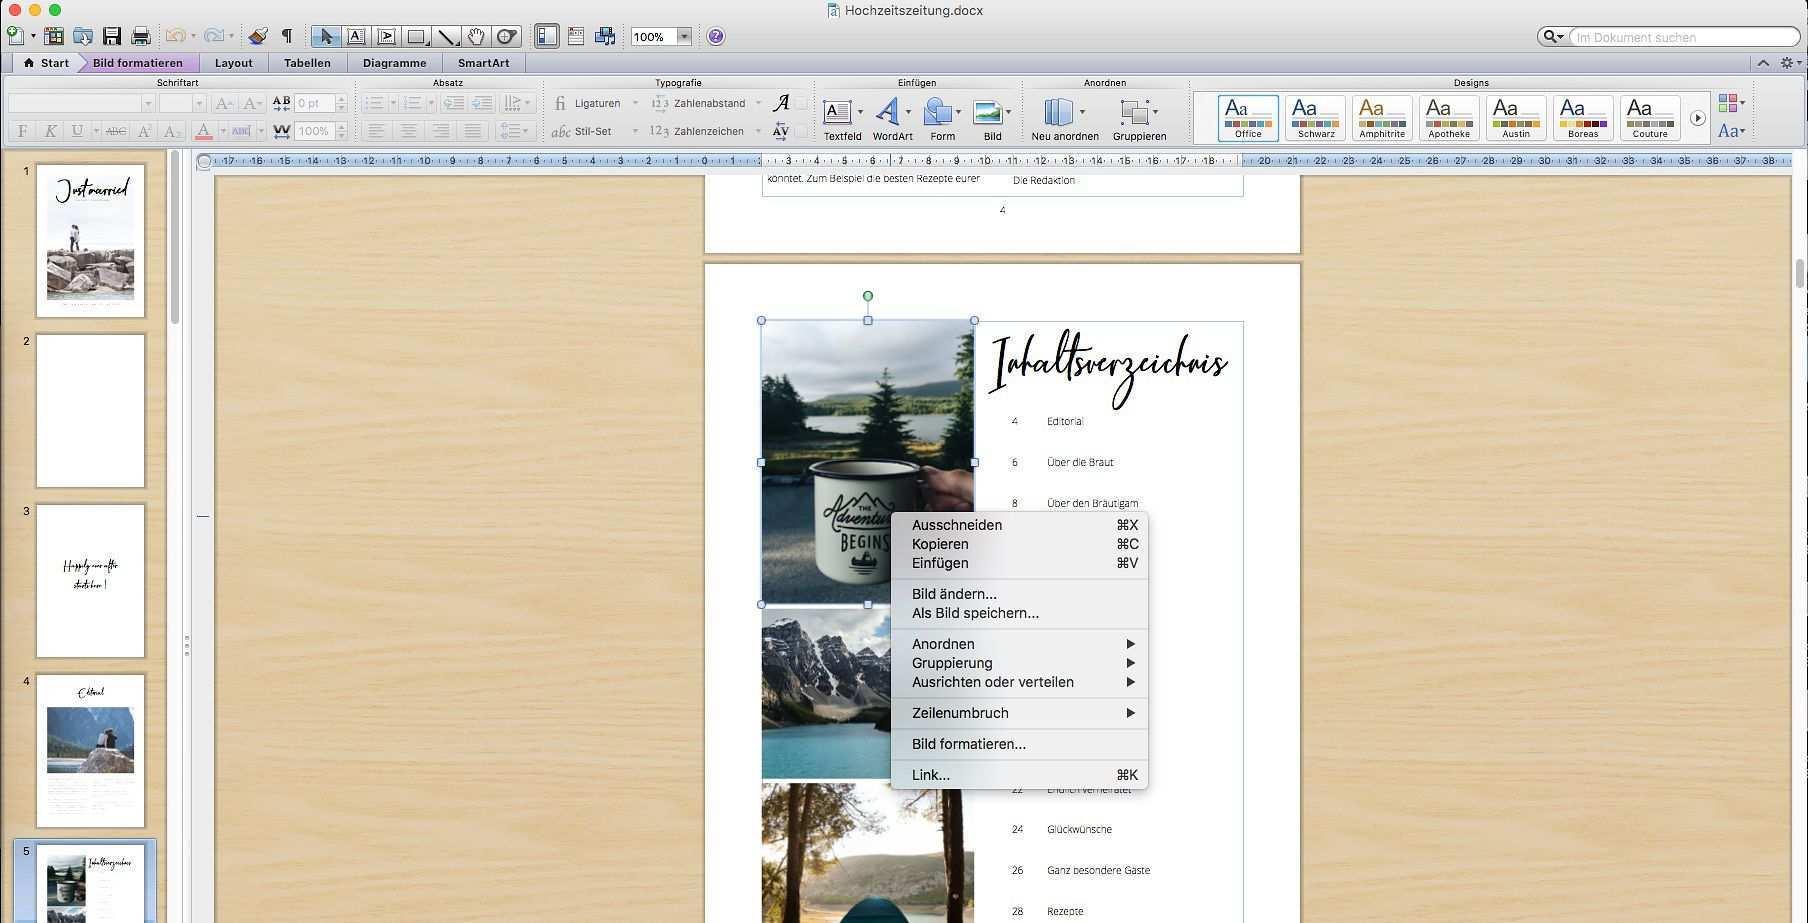 Hochzeitszeitung Vorlage Professionelles Magazin In Word Gestalten In 2020 Hochzeitszeitung Hochzeitszeitung Gestalten Hochzeitszeitung Ideen